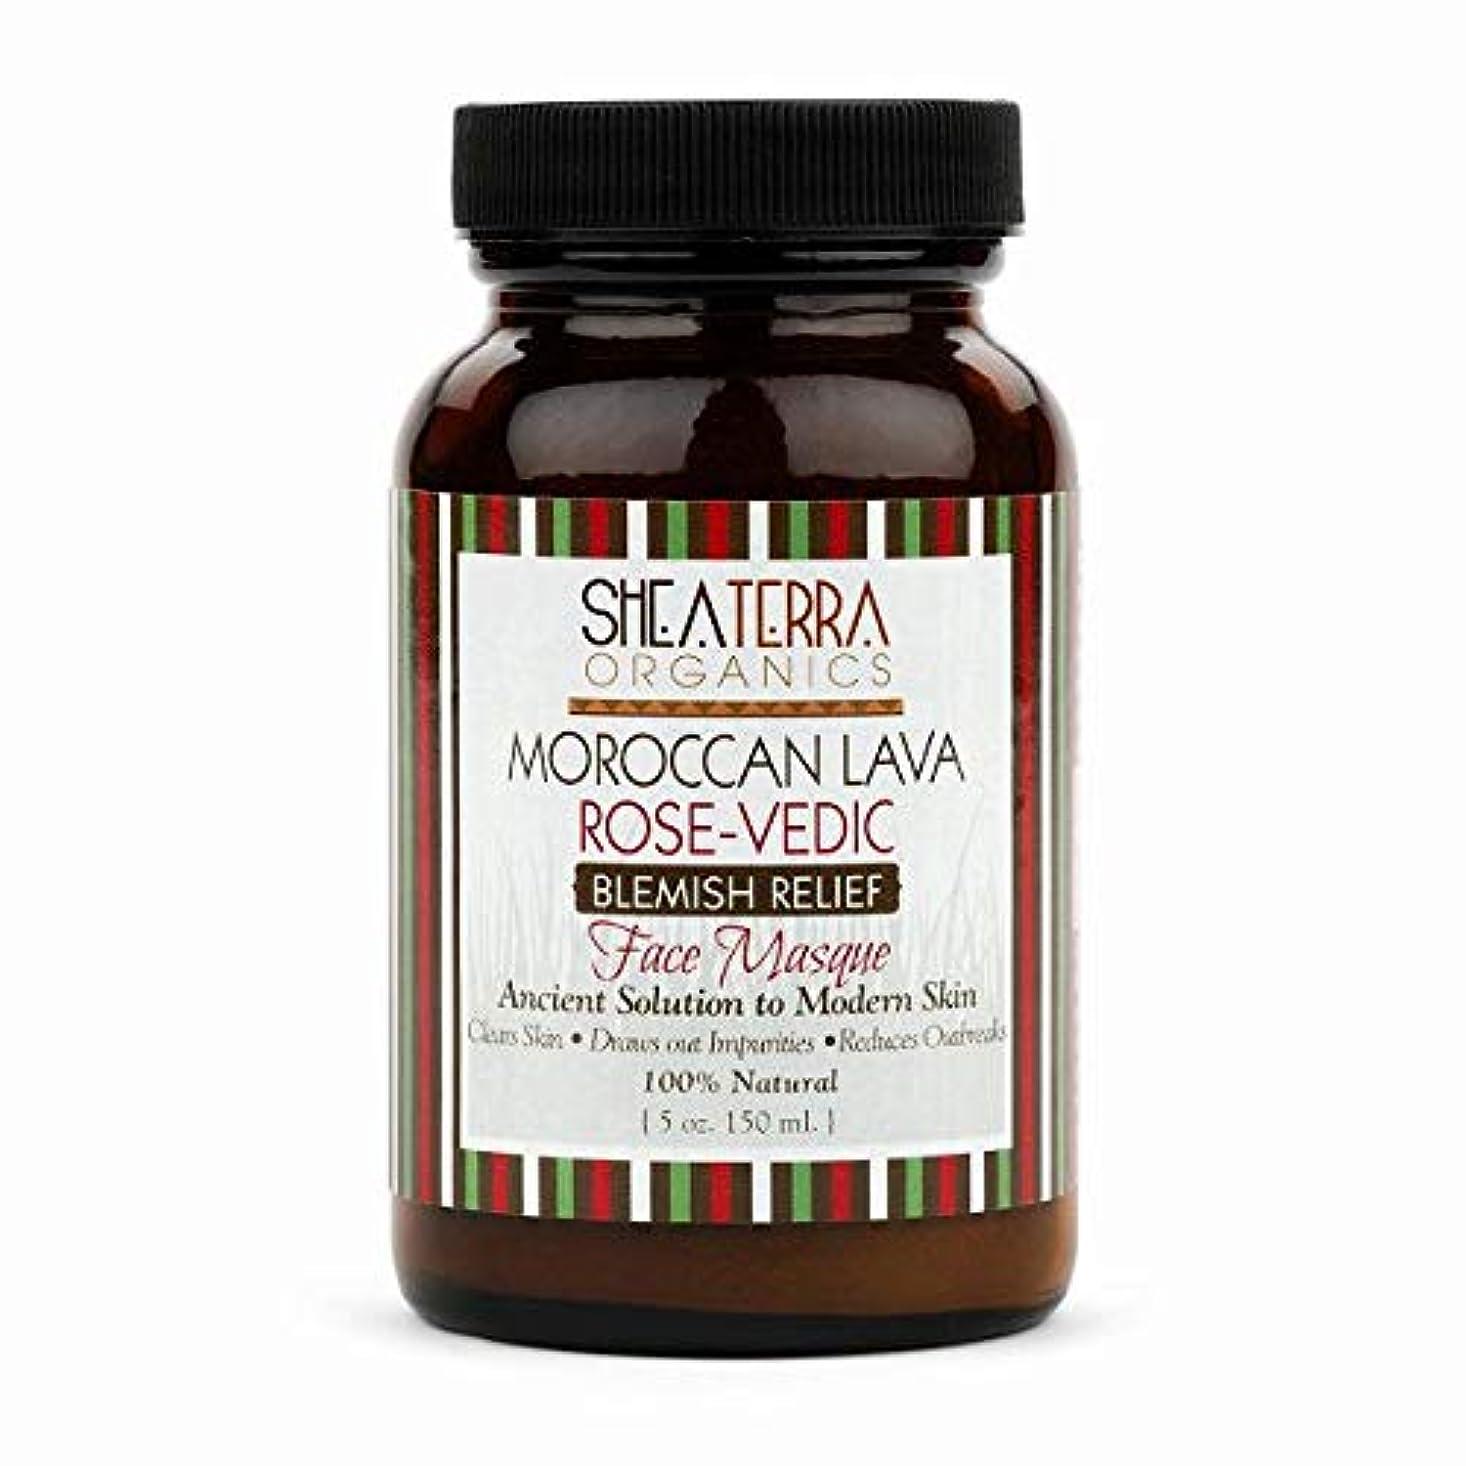 ボルト代名詞スポンサーシアテラオーガニックス(Shea Terra Organics) モロカン ラバ&ローズ フェイス マスク [並行輸入品]